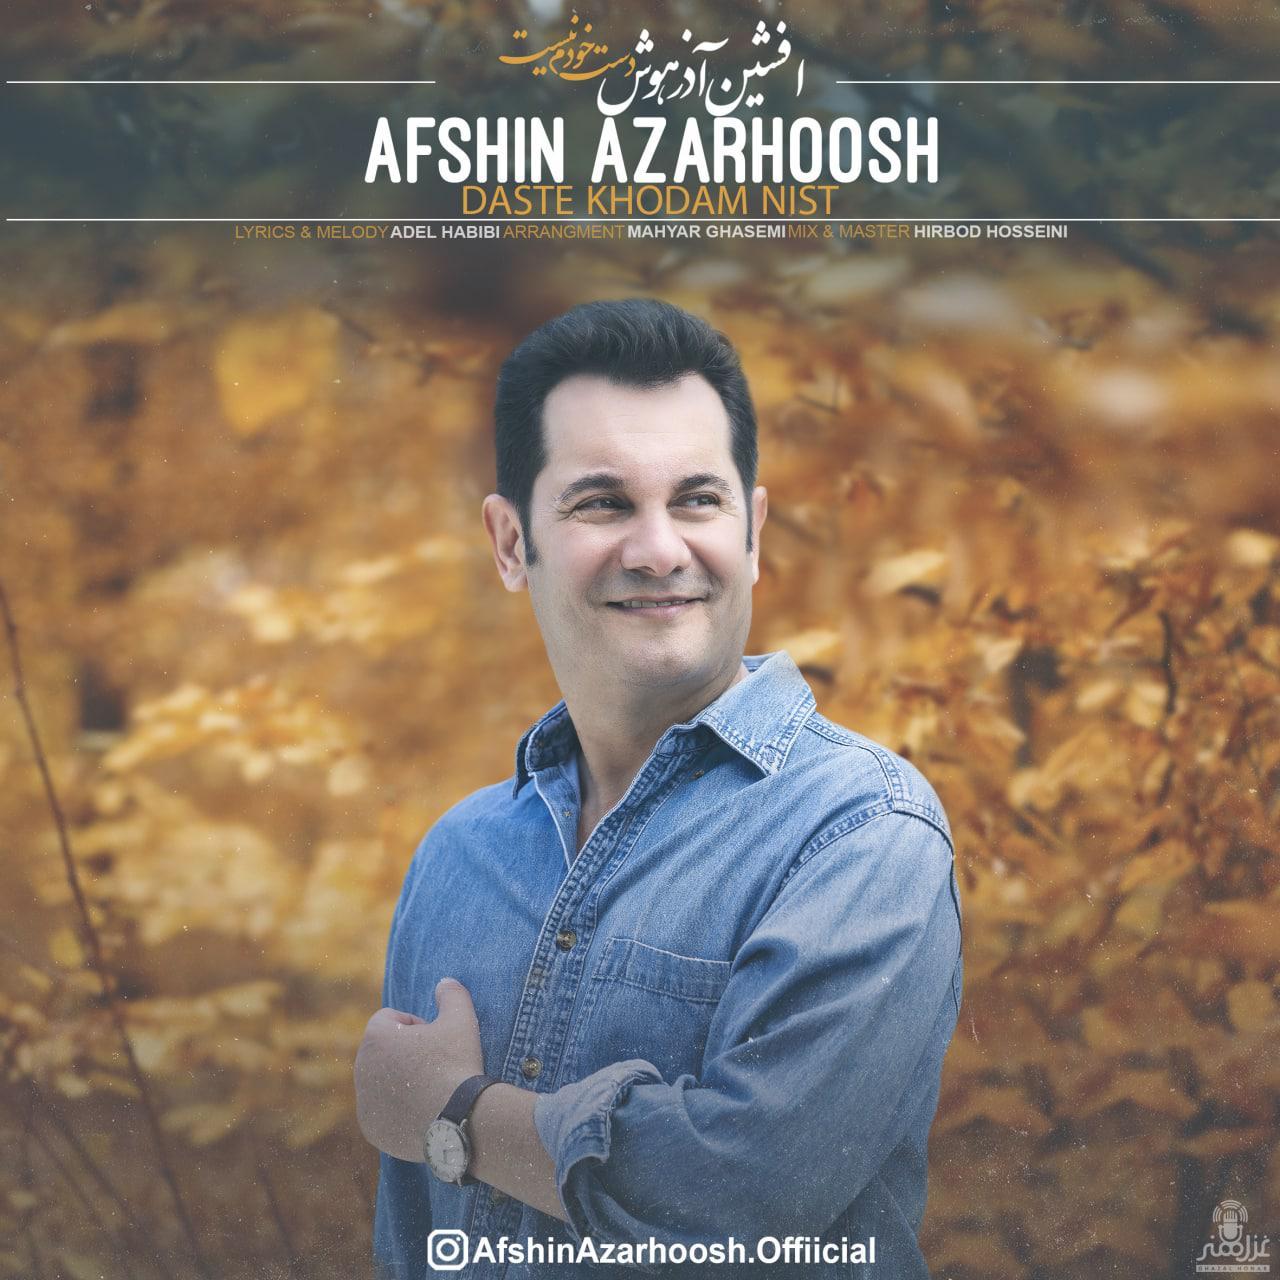 Afshin Azarhoosh – Daste Khodam Nist